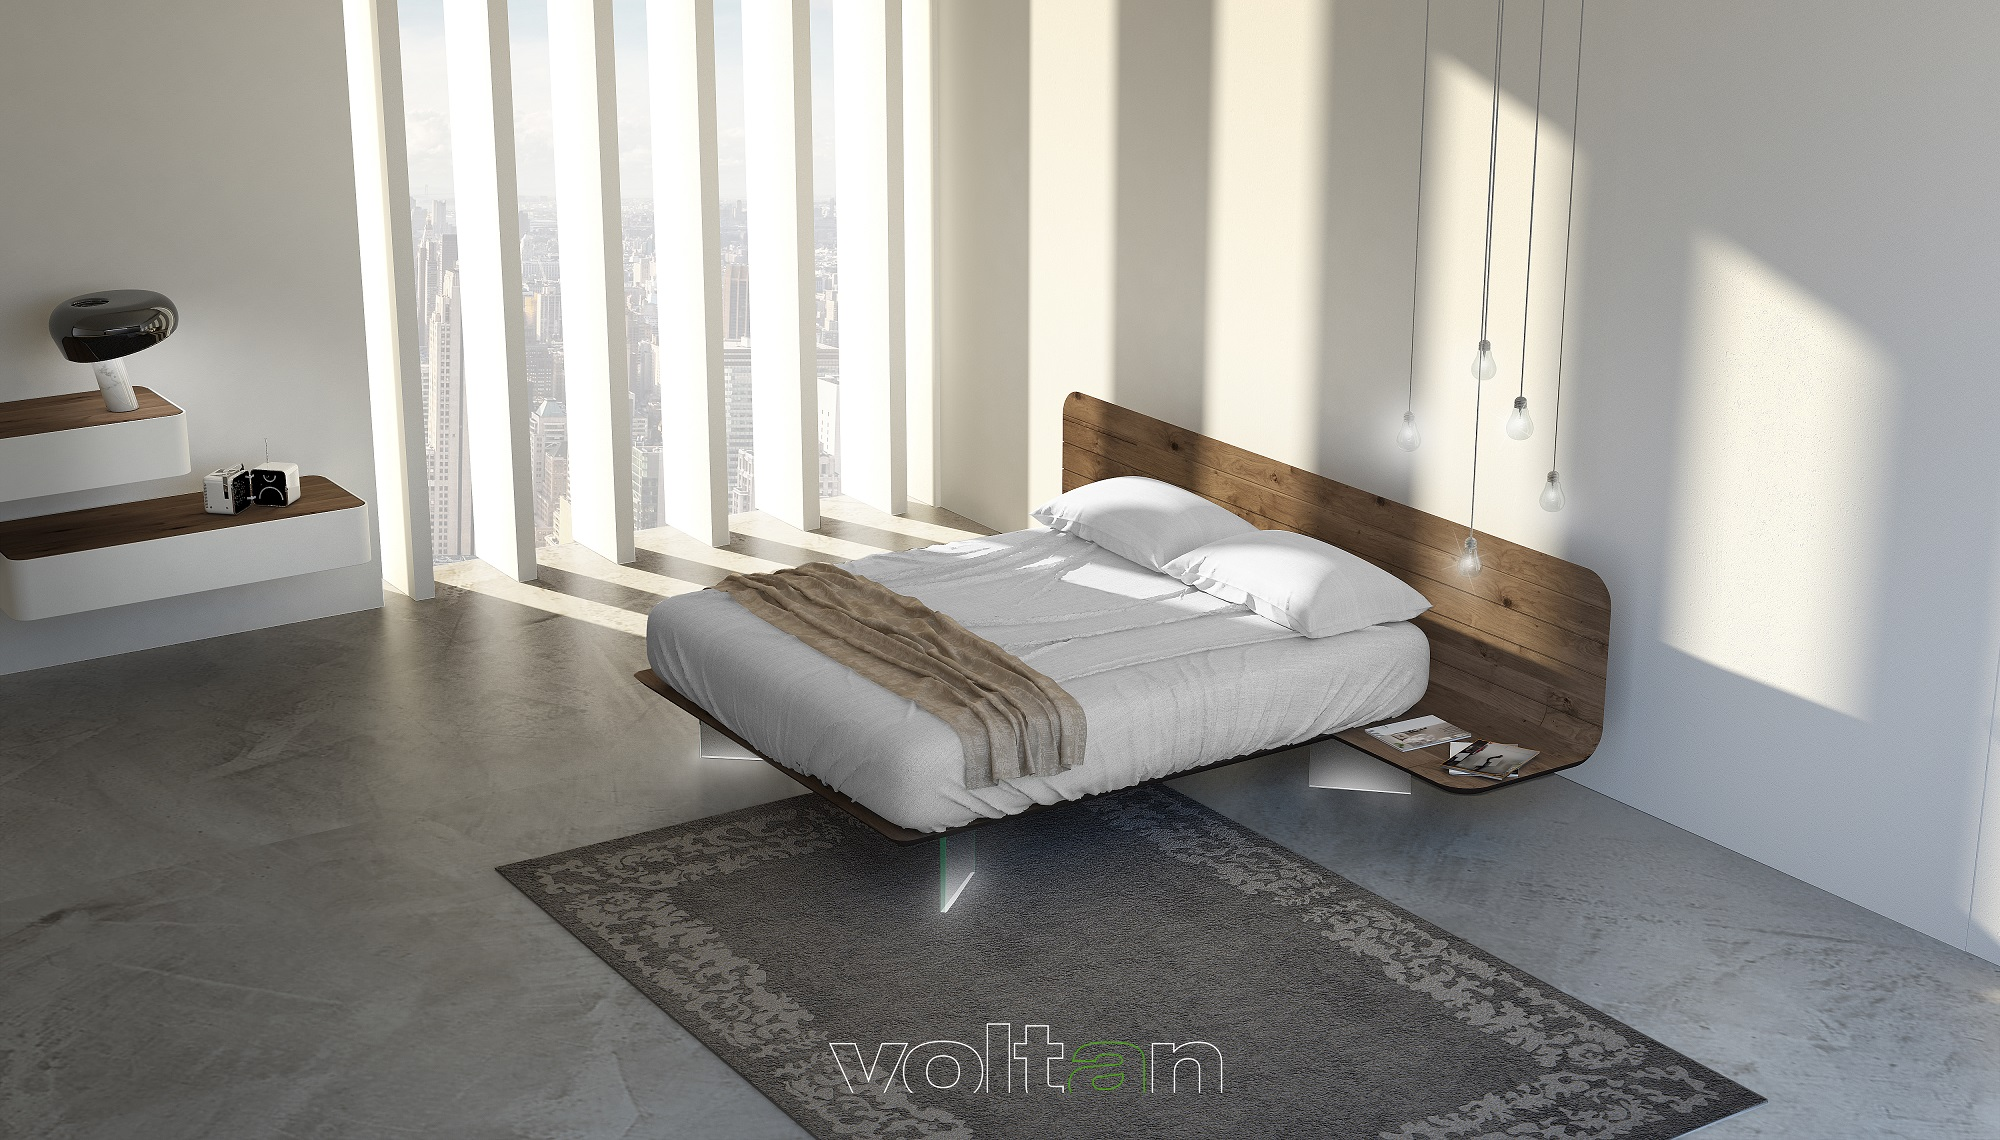 Camere Da Letto Ultramoderne camere da letto moderne bellissime: arredo essenziale zona notte